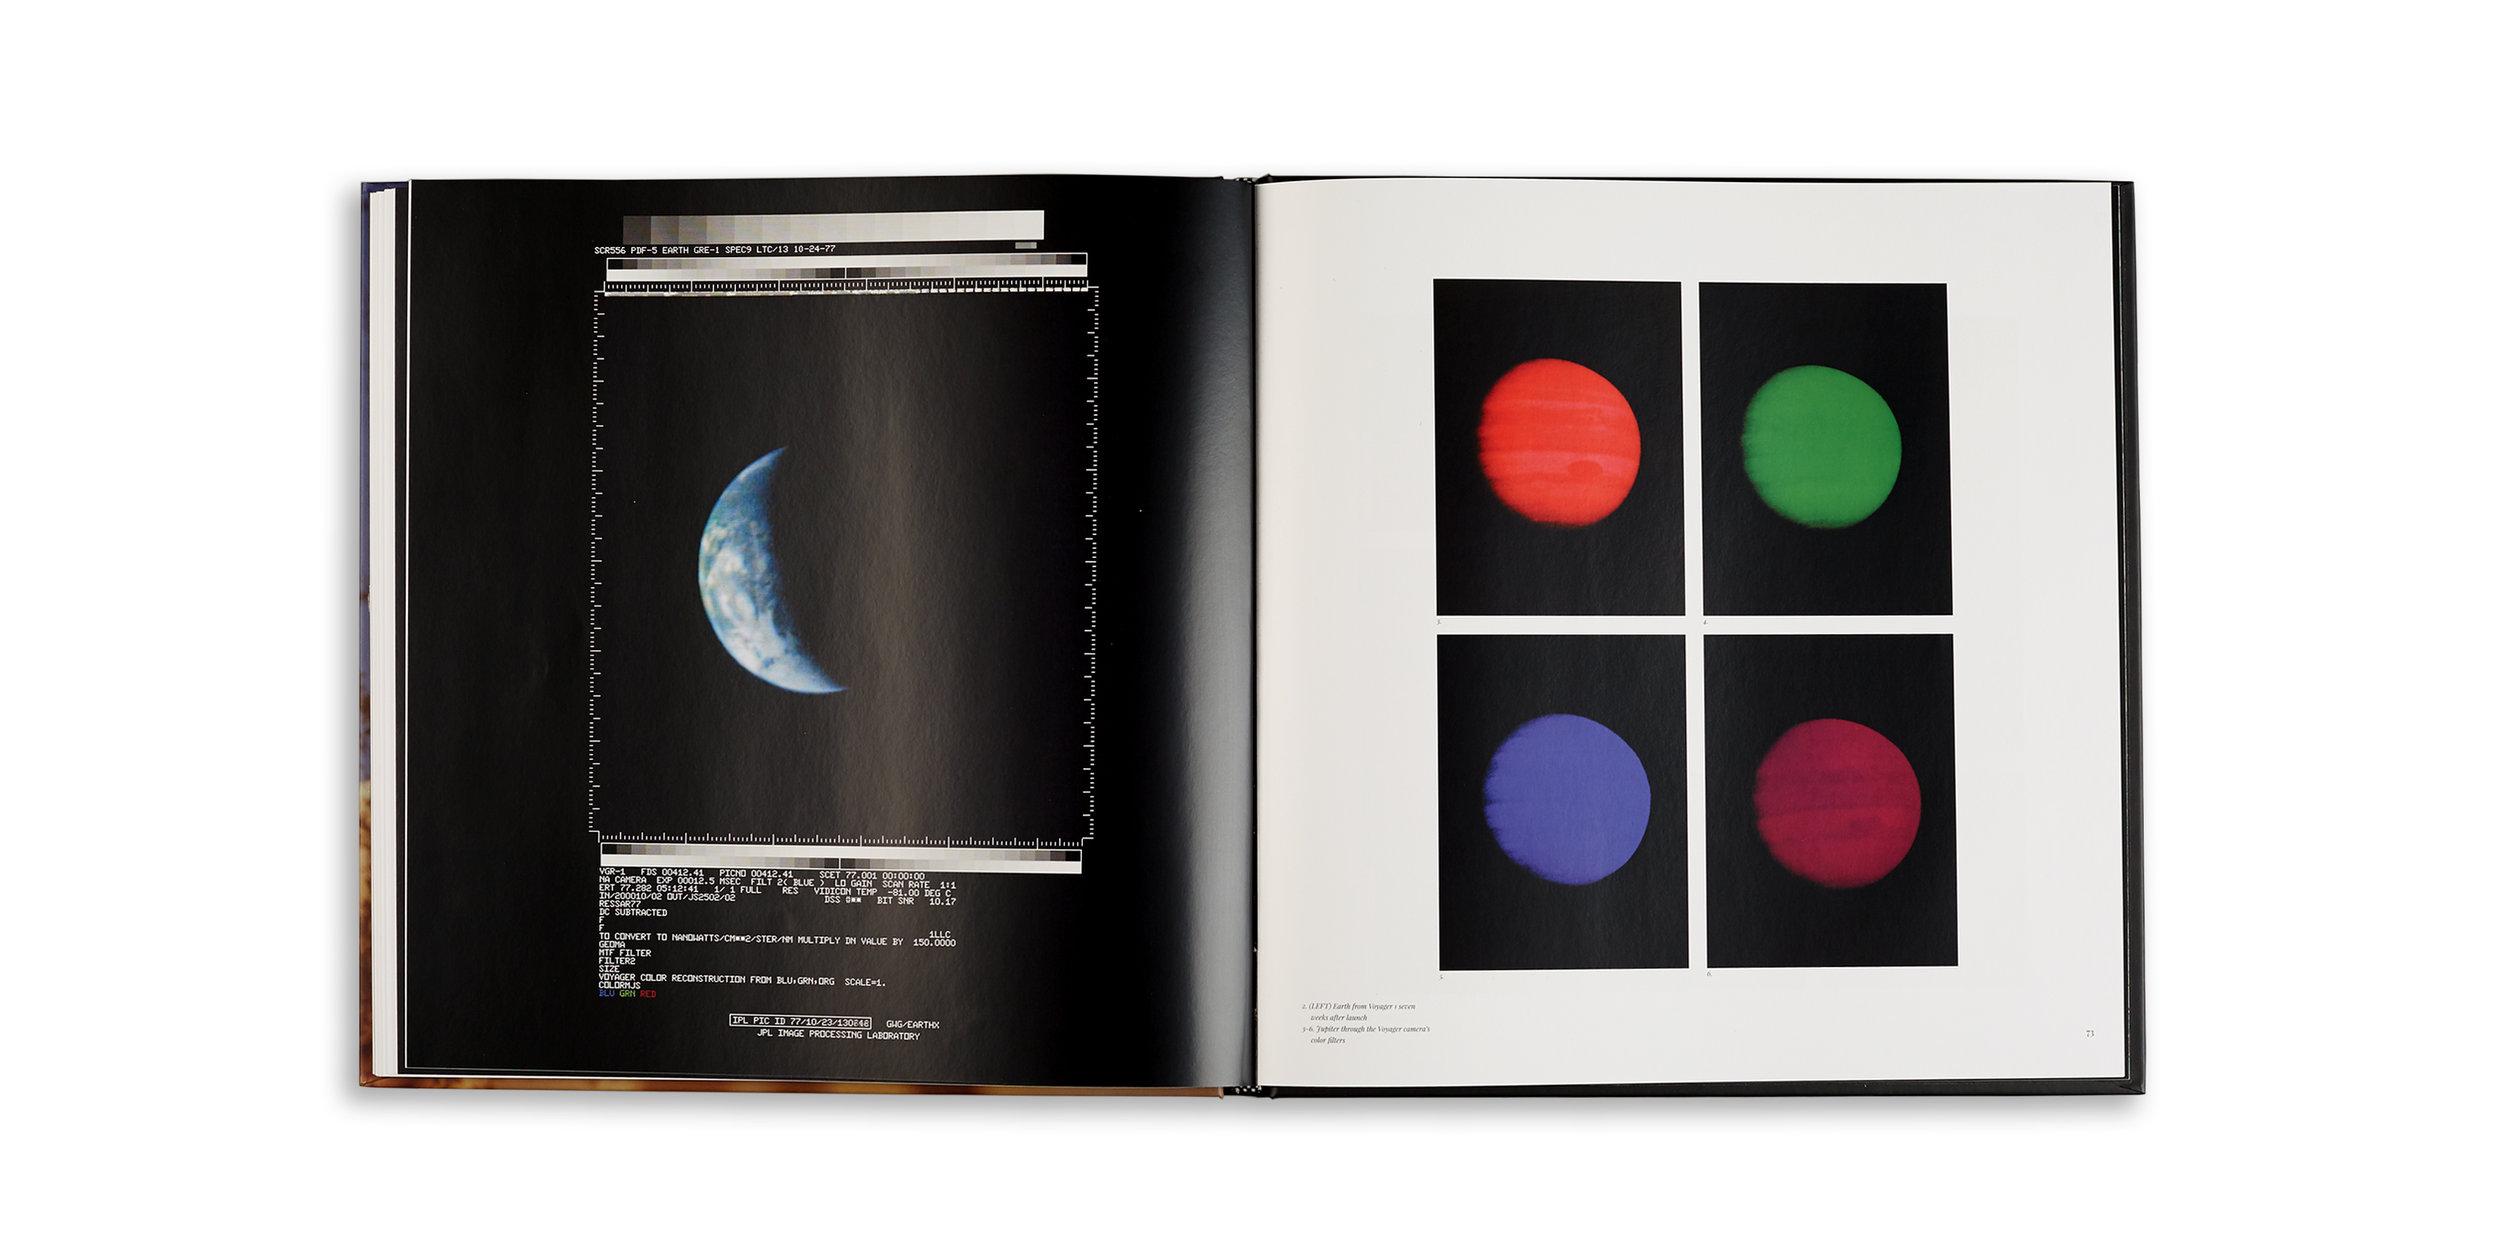 Voyager6.jpg